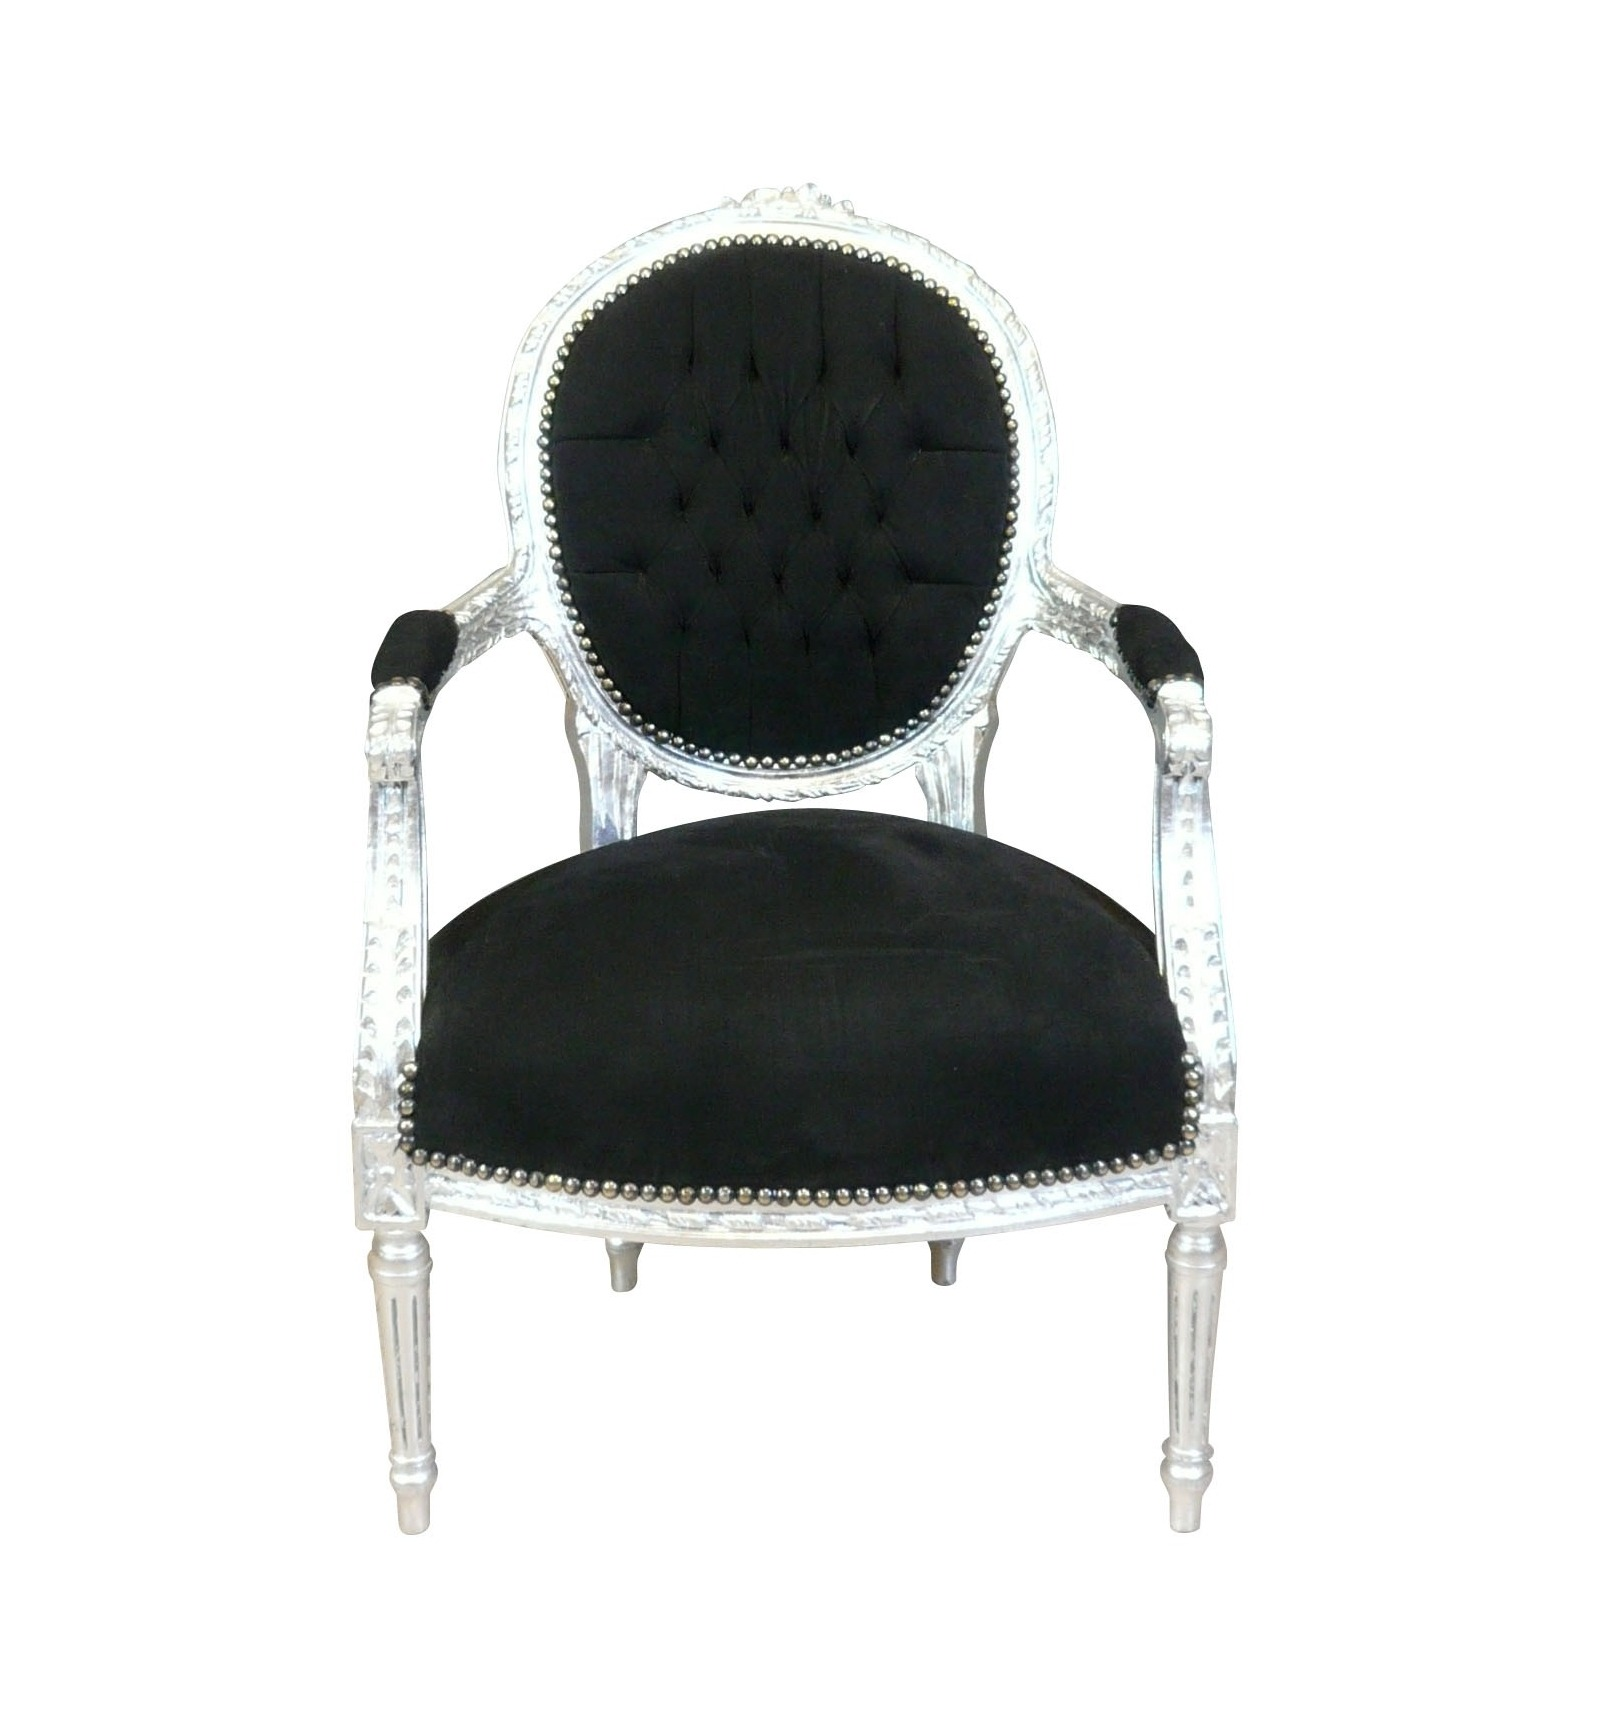 fauteuil louis xvi baroque noir et argent mobilier baroque. Black Bedroom Furniture Sets. Home Design Ideas